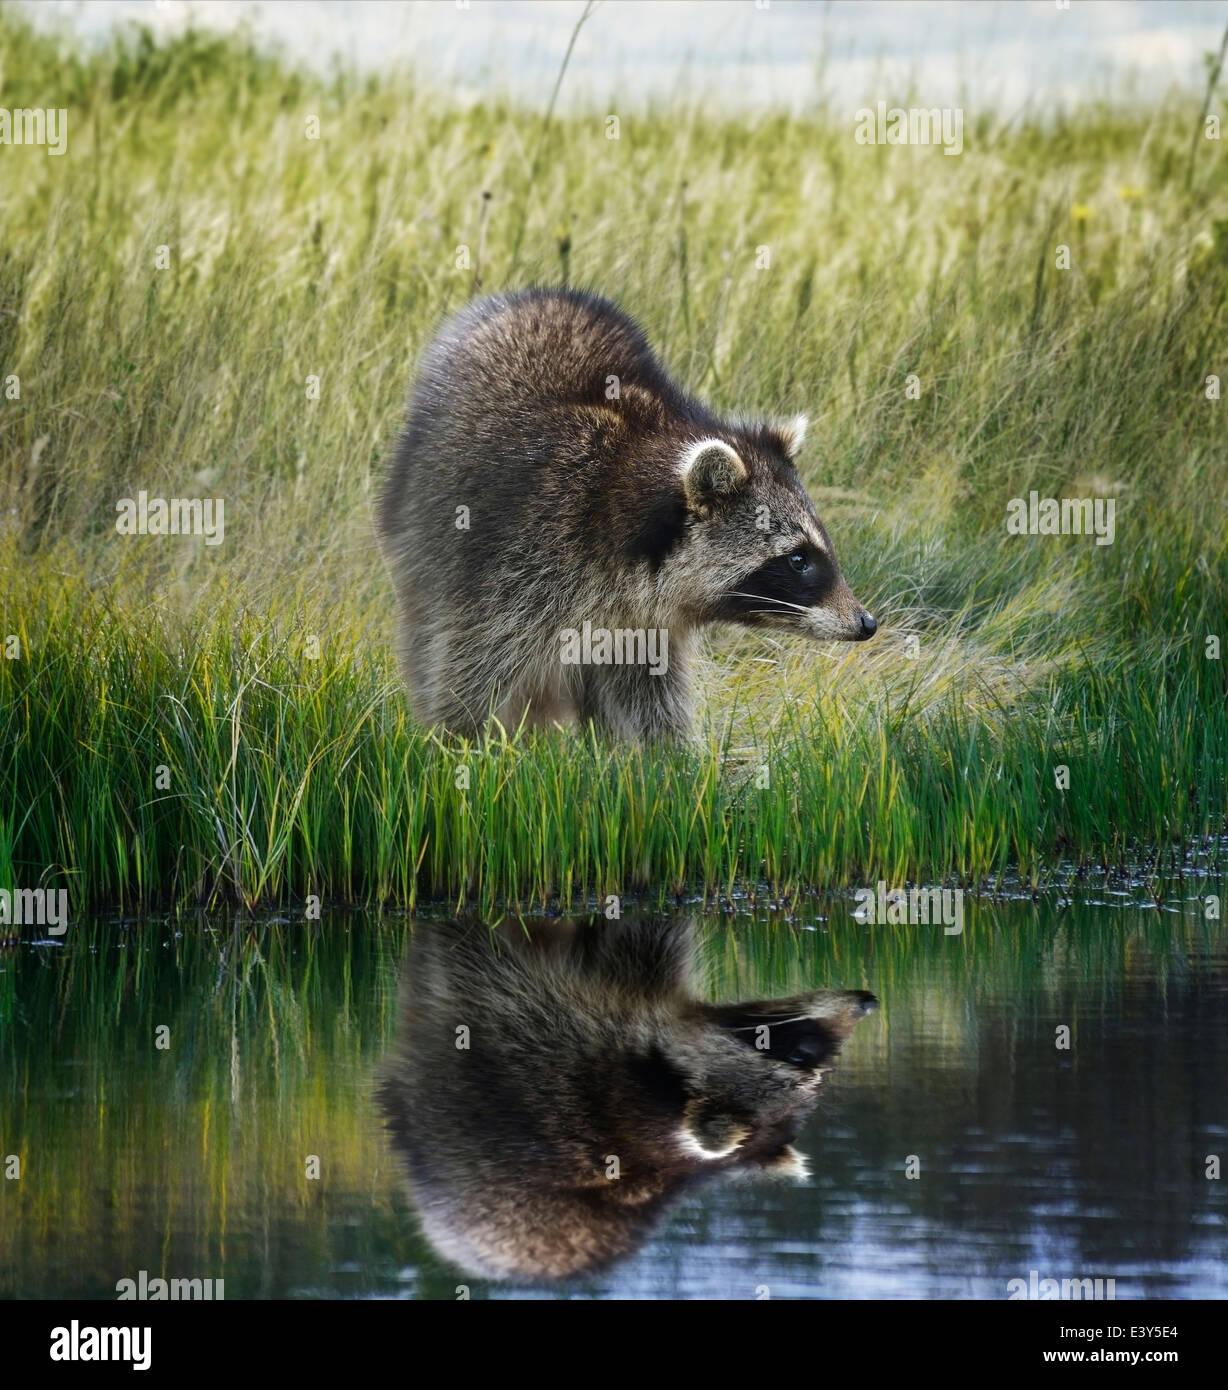 Le Raton laveur On Grassy Bank avec la réflexion Photo Stock